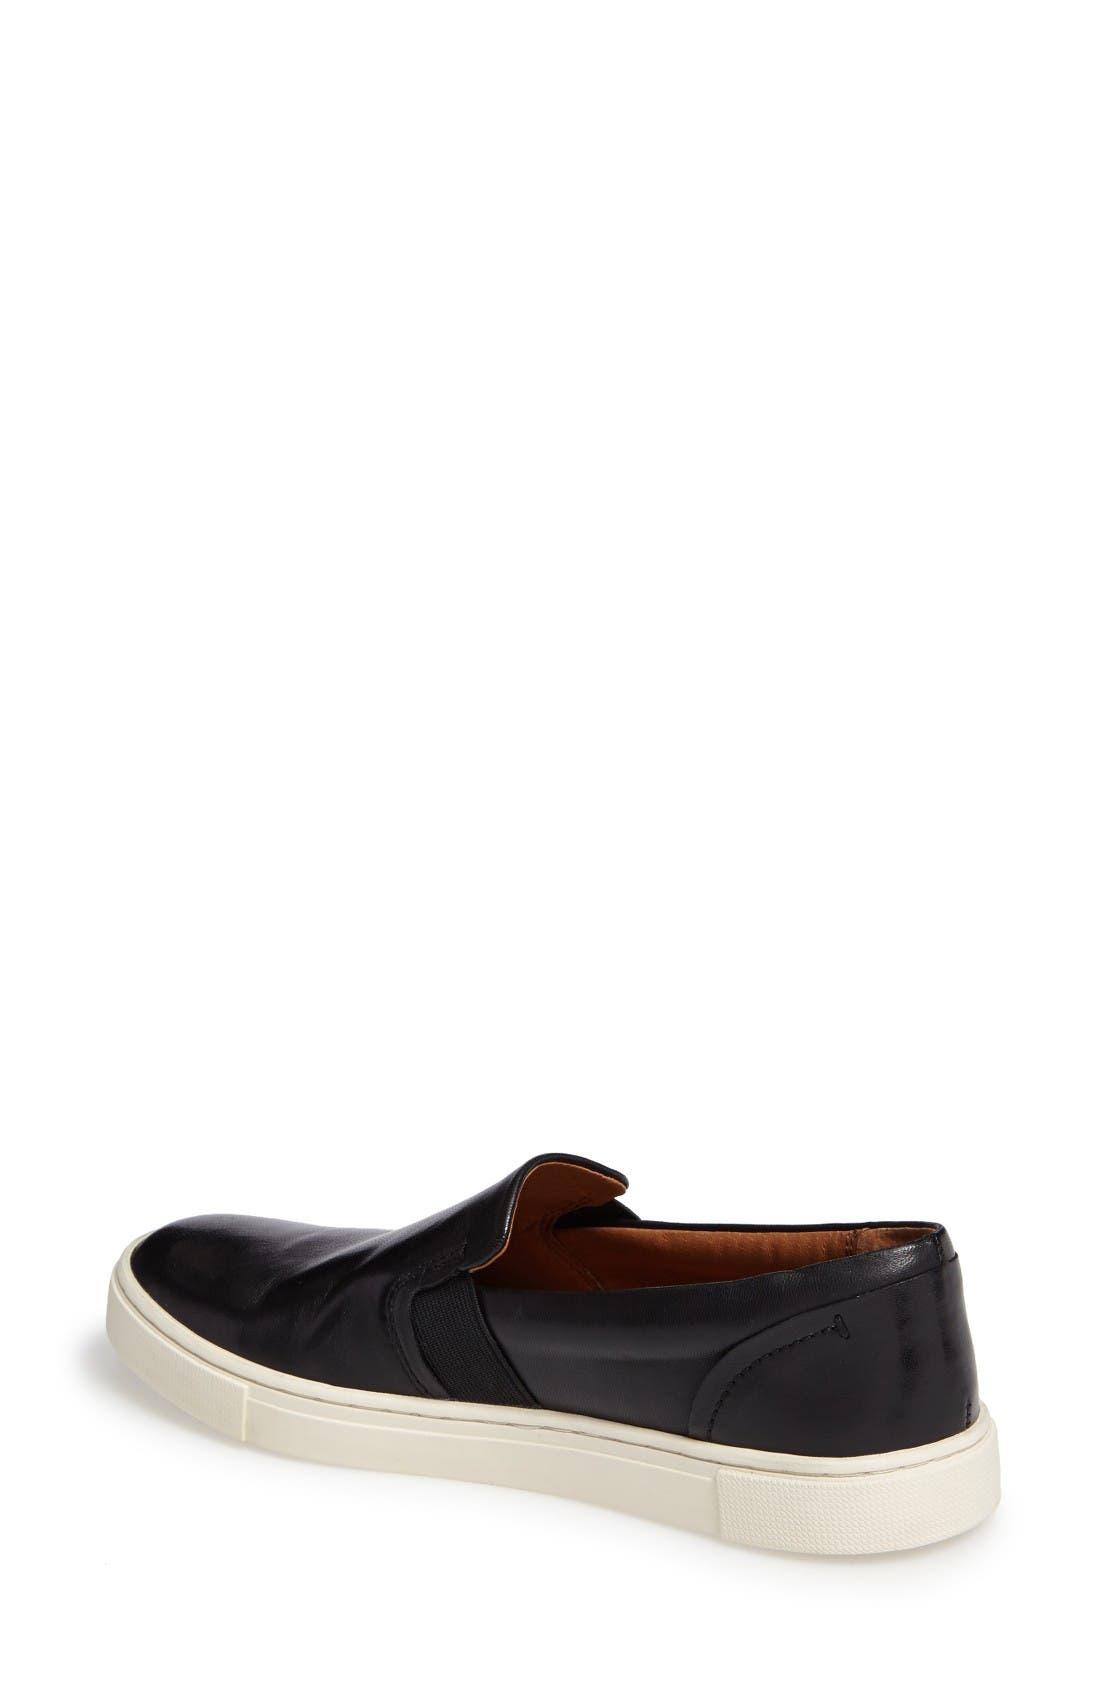 Ivy Slip-On Sneaker,                             Alternate thumbnail 2, color,                             Black